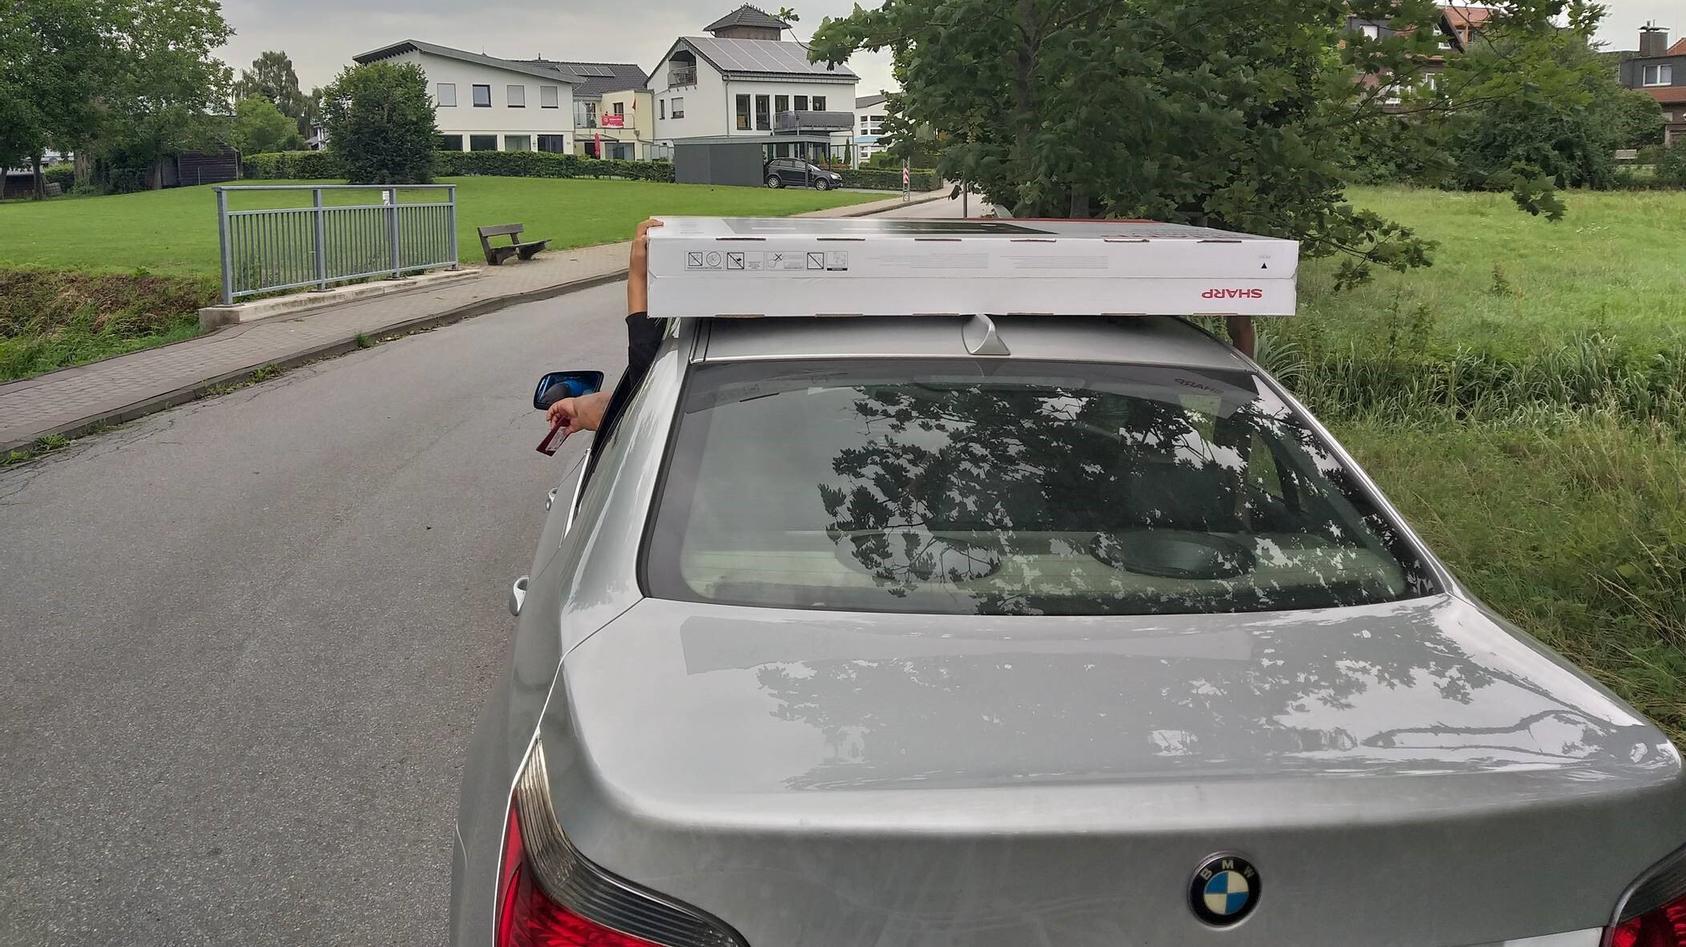 Skurriler Transport: Diese Eltern ließen ihre Kinder den Flachbildfernseher auf dem Autodach festhalten.